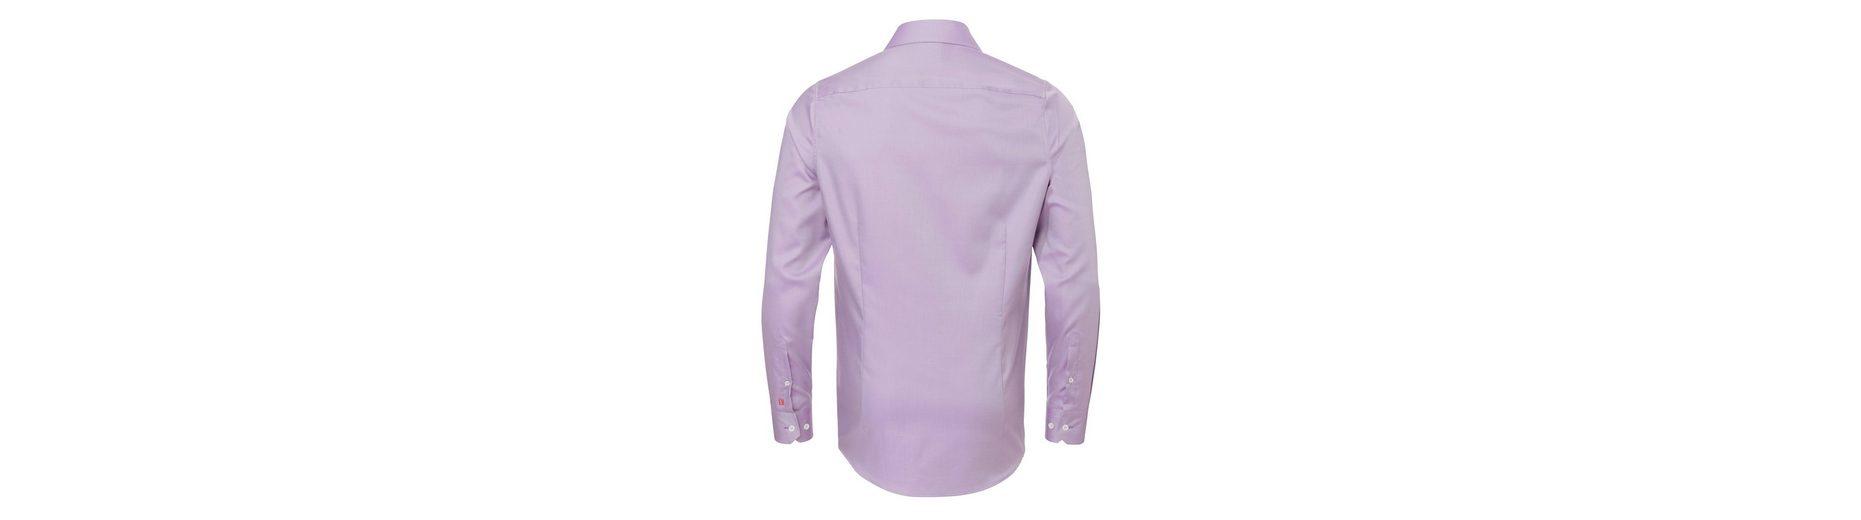 Verkauf 100% Authentisch Pure Langarm-Hemd City Red Slim Fit Billig Ausverkauf Store Große Diskont Online Einkaufen Outlet Online wLwI5pd0ue